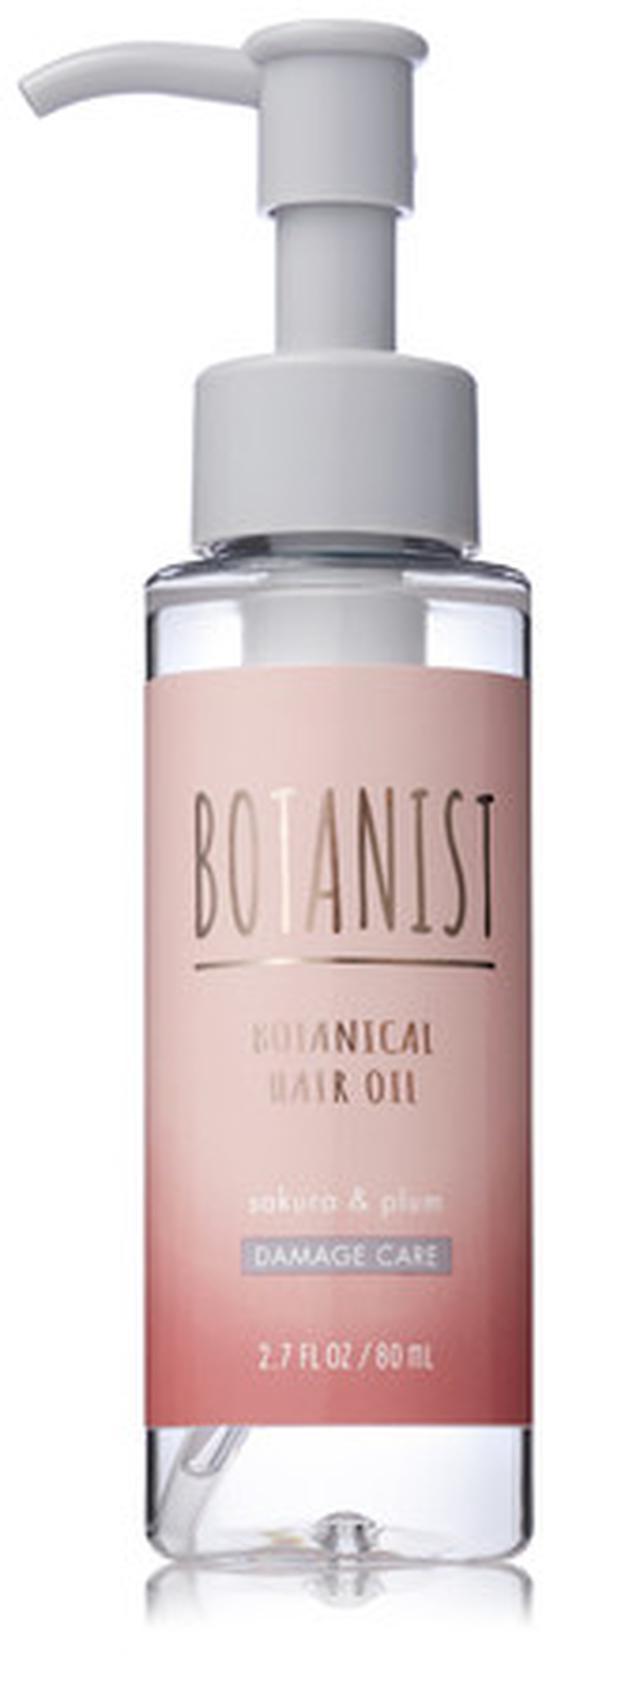 画像5: 春の夢を、咲かせる。サクラ香るBOTANIST ボタニカルスプリングシリーズ12 月24 日発売